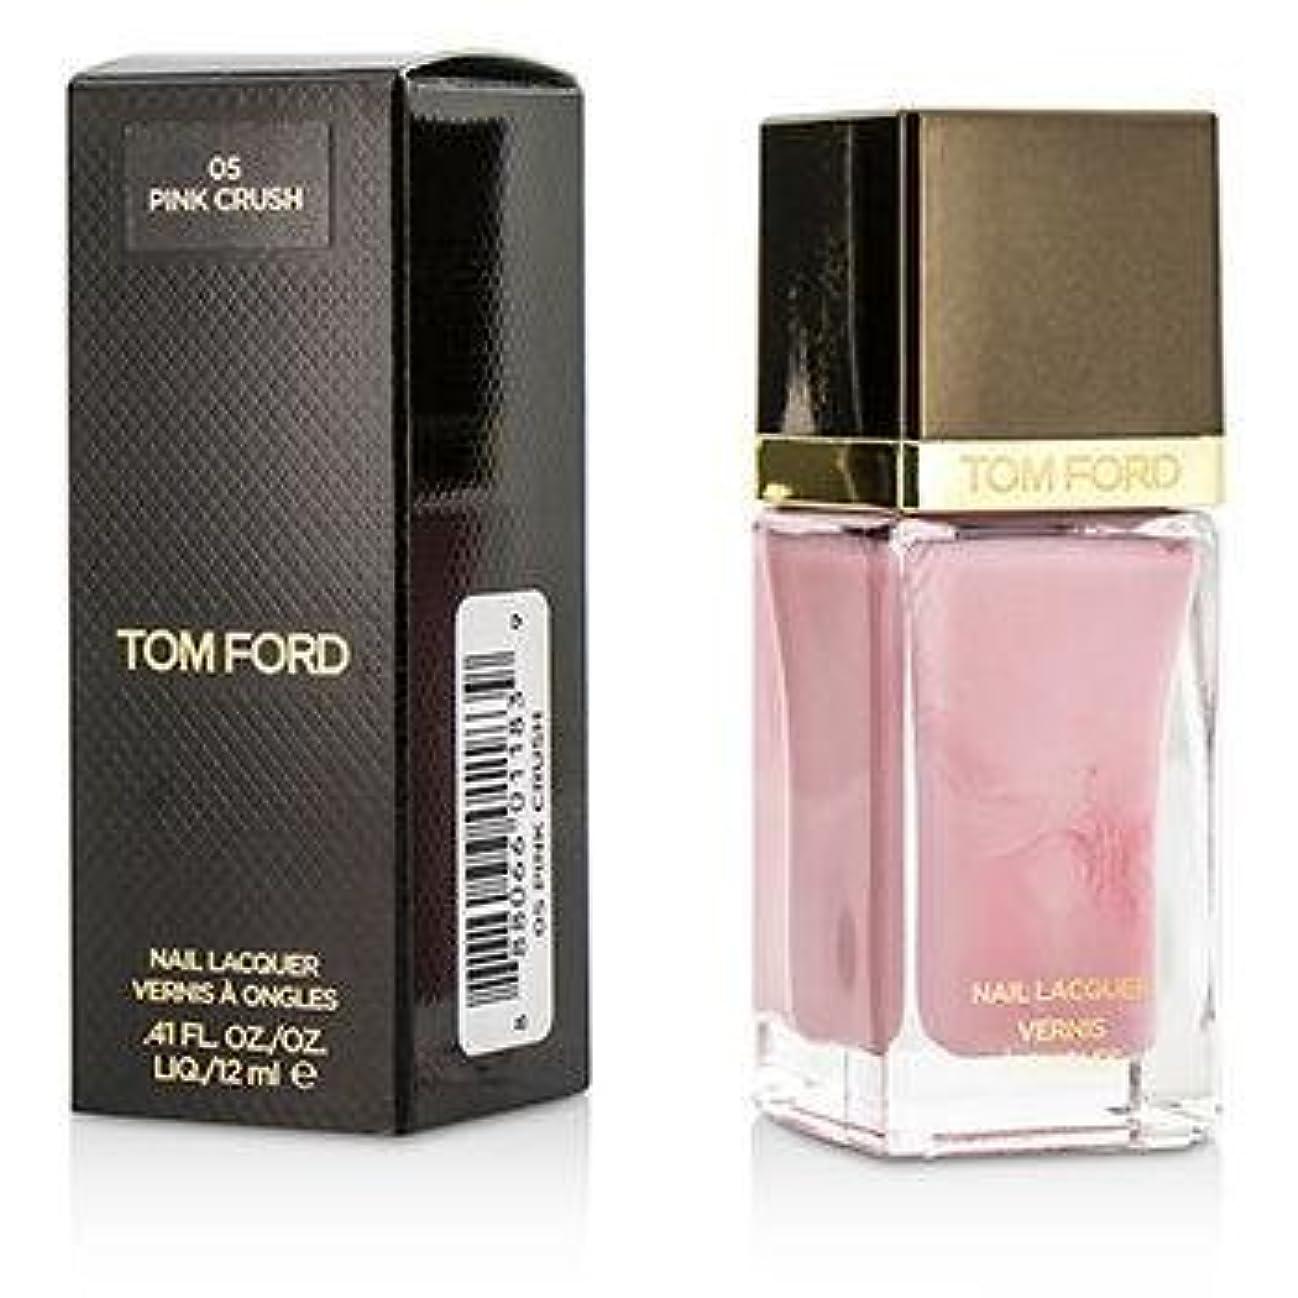 トムフォード Nail Lacquer - #05 Pink Crush 12ml [海外直送品]